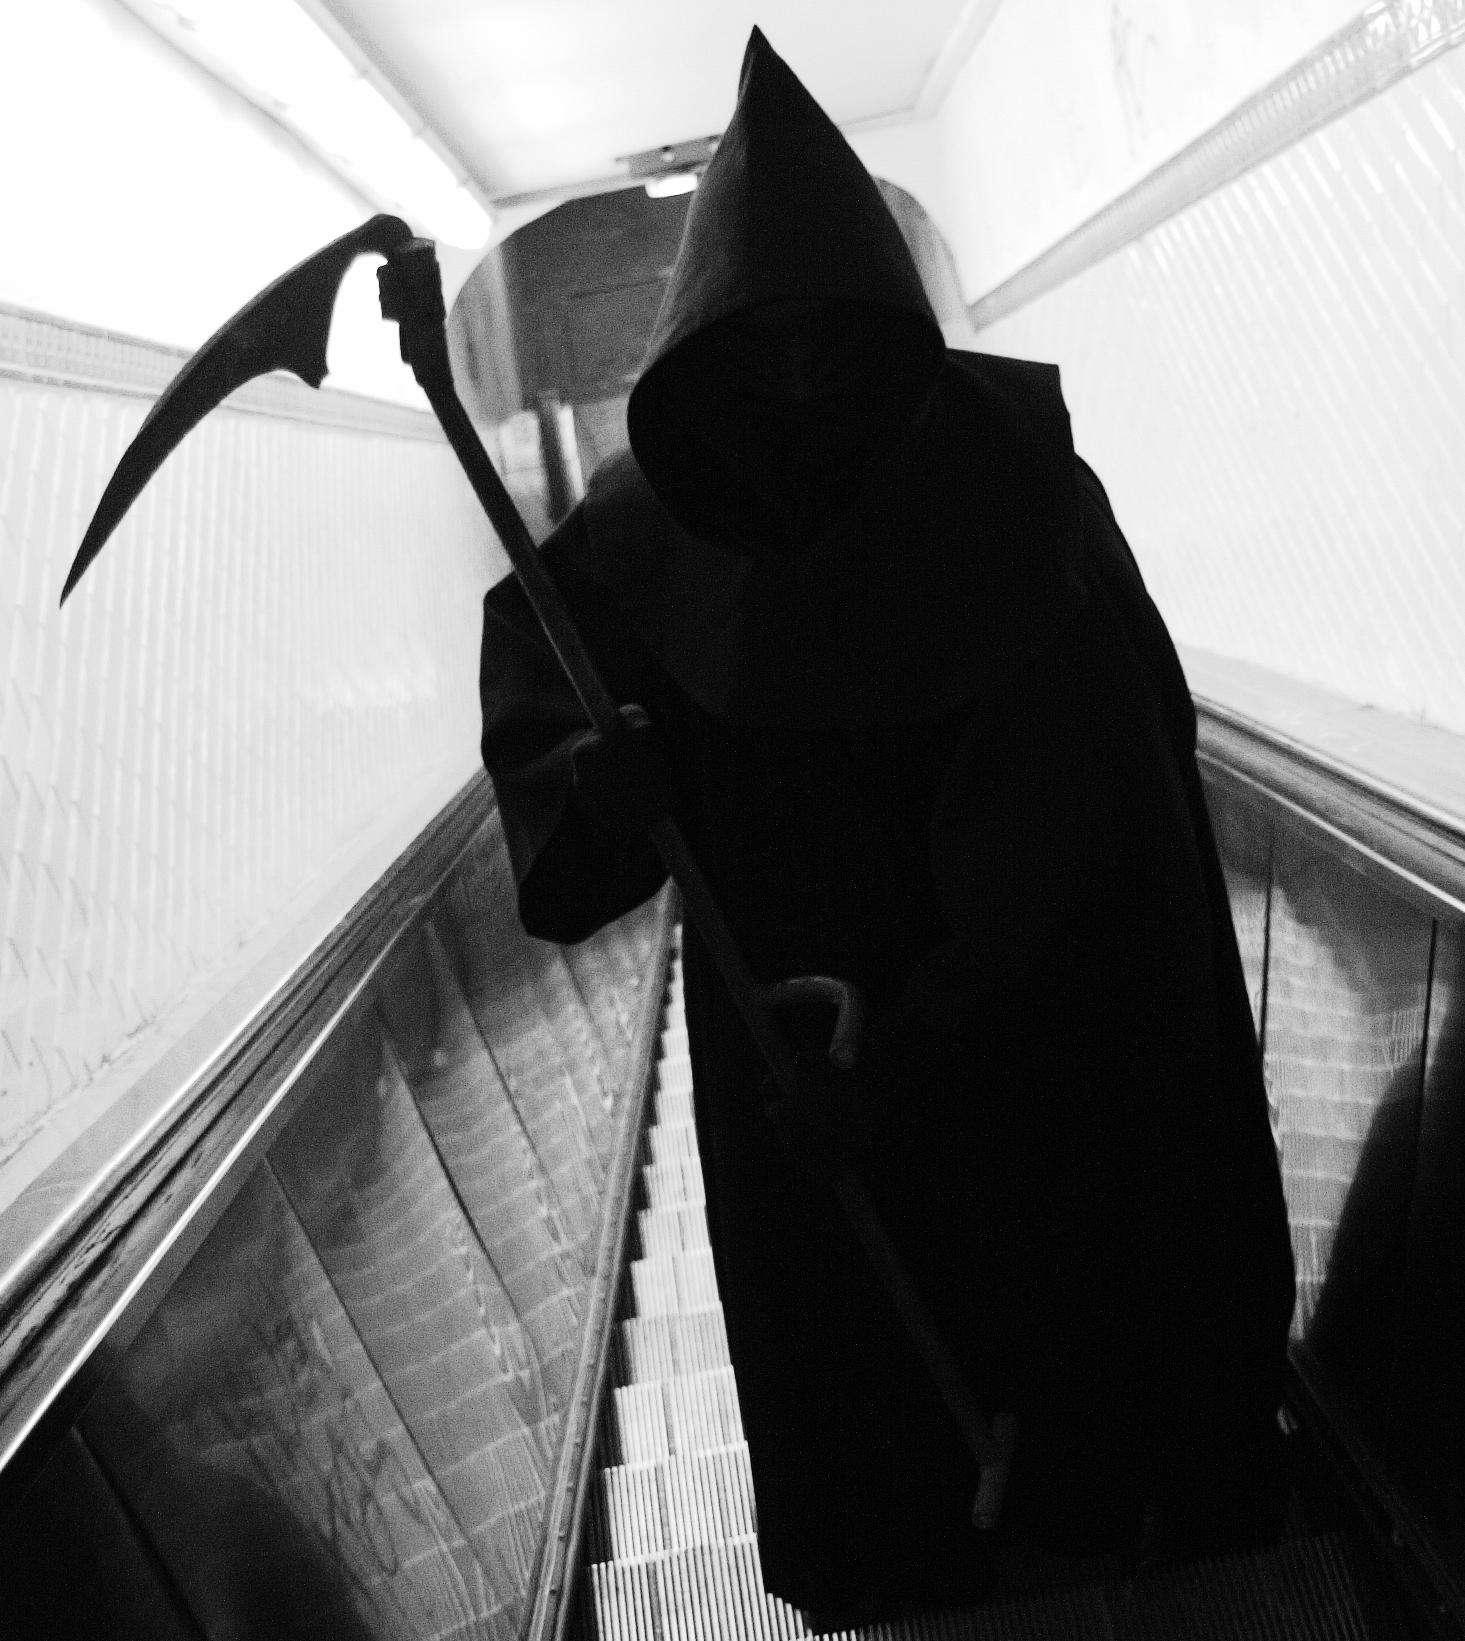 En dosant le taux de la cystatine et de la beta-trace protéine, des chercheurs pensent que l'on peut dire si la mort viendra bientôt frapper à votre porte. © Thomas Claveirole, Flickr, cc by sa 2.0